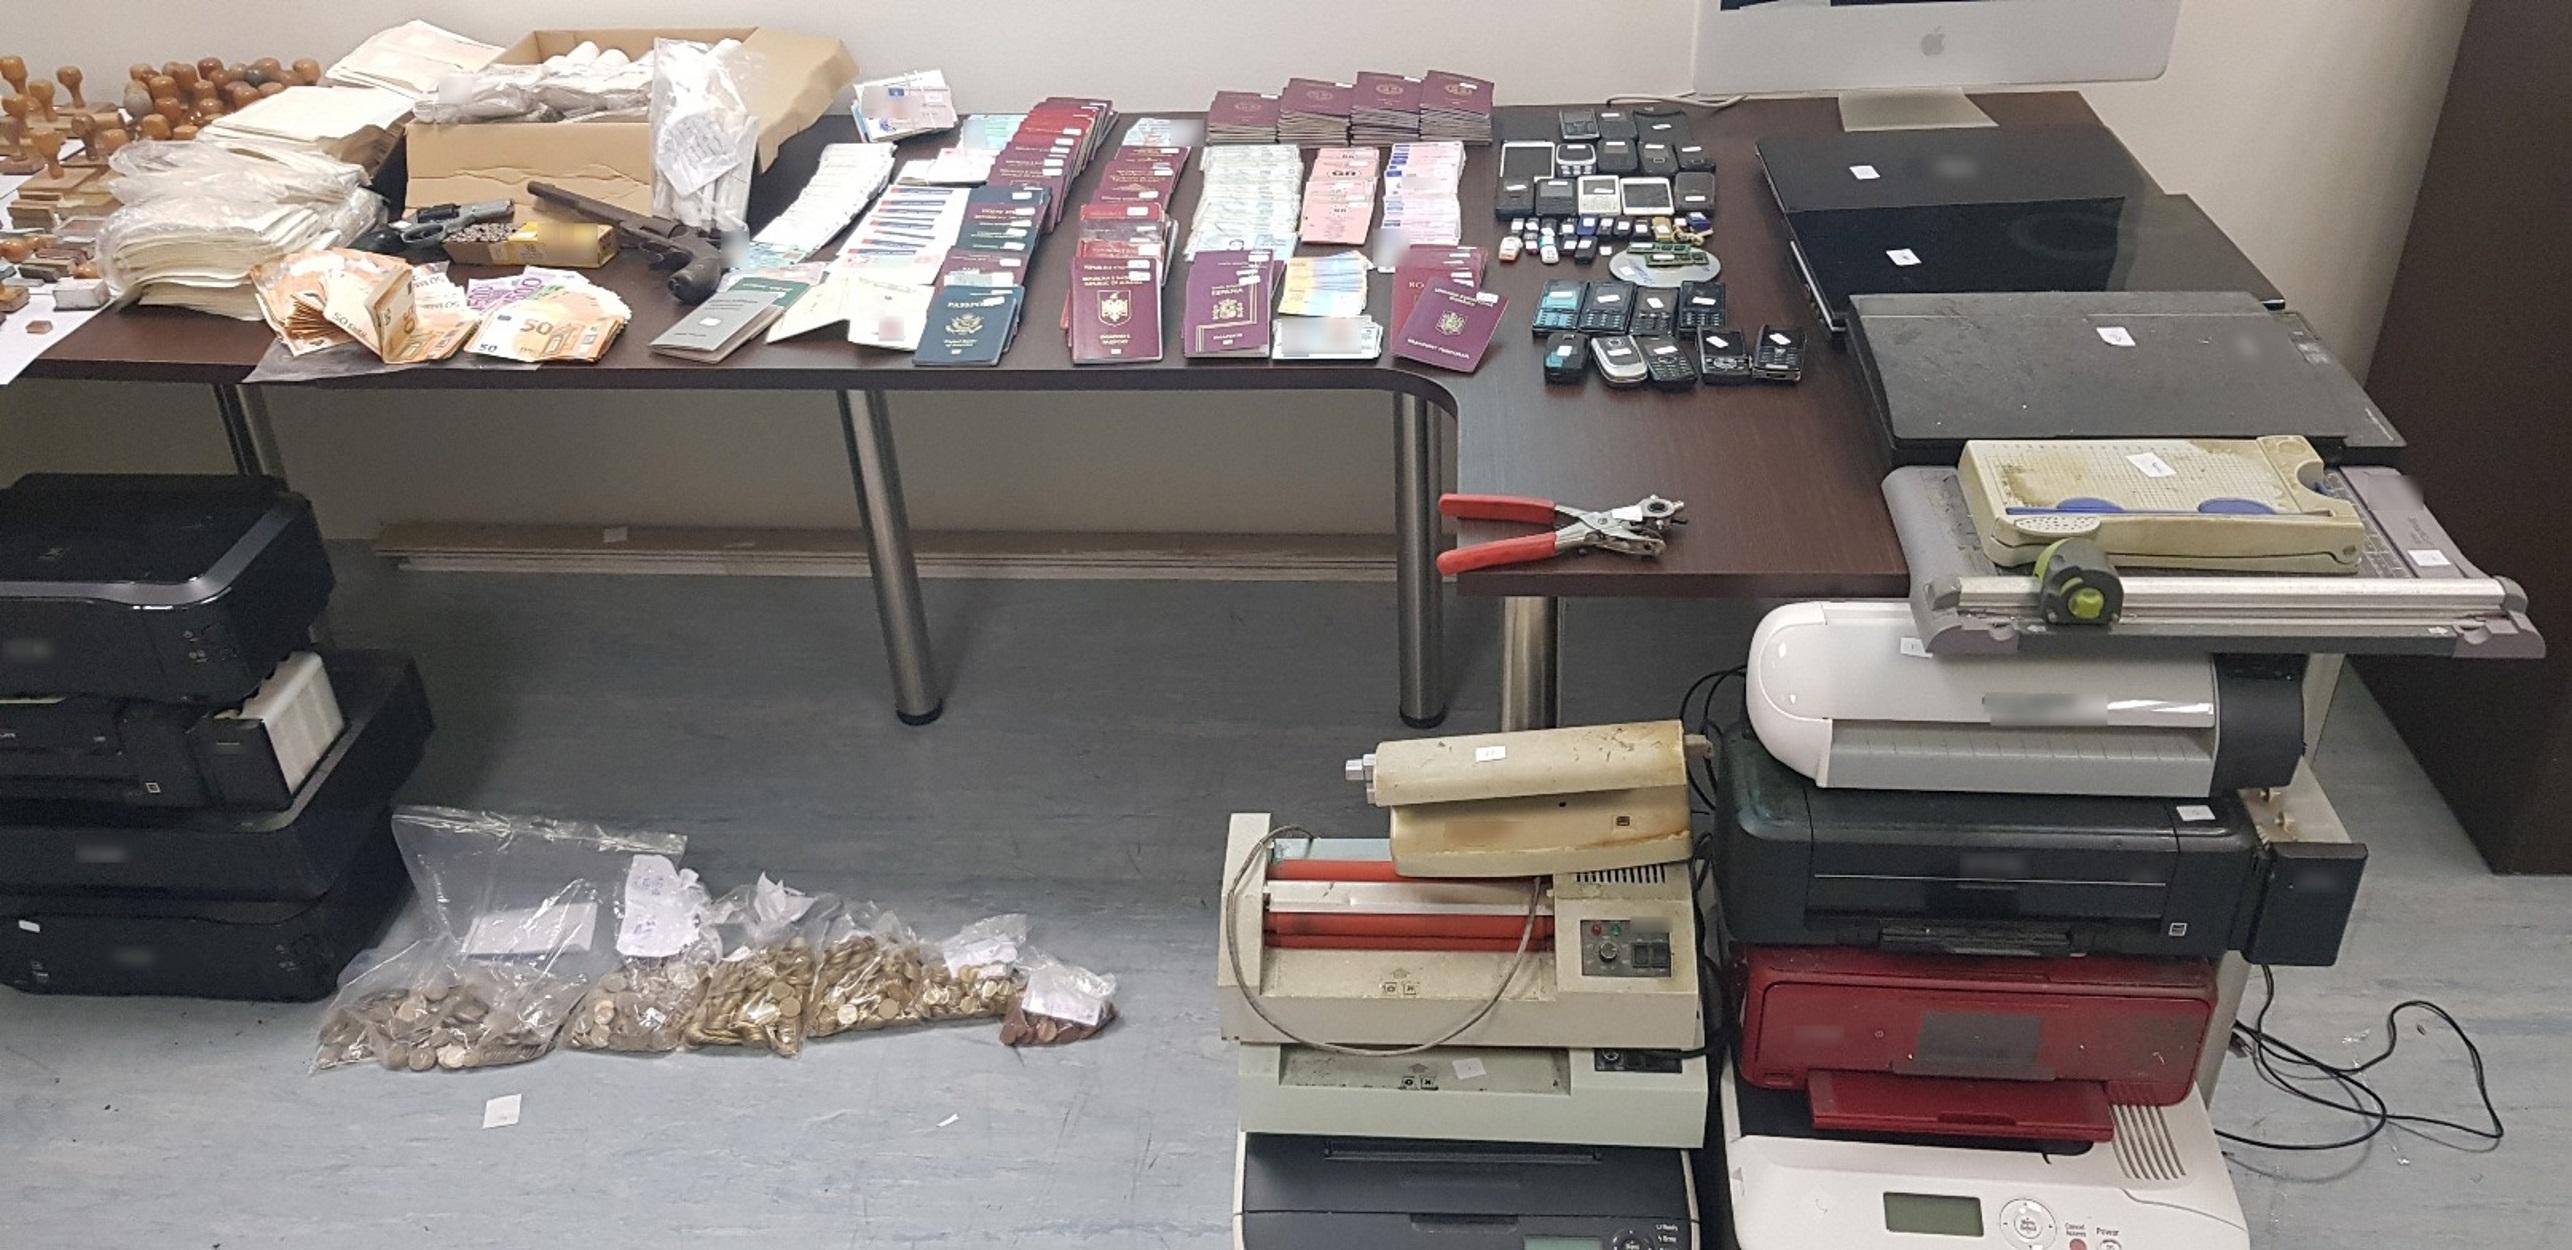 Συνελήφθη στην Ηλιούπολη 50χρονος Αλβανός που έφτιαχνε πλαστά διπλώματα και διαβατήρια! Εντυπωσιακές φωτογραφίες!